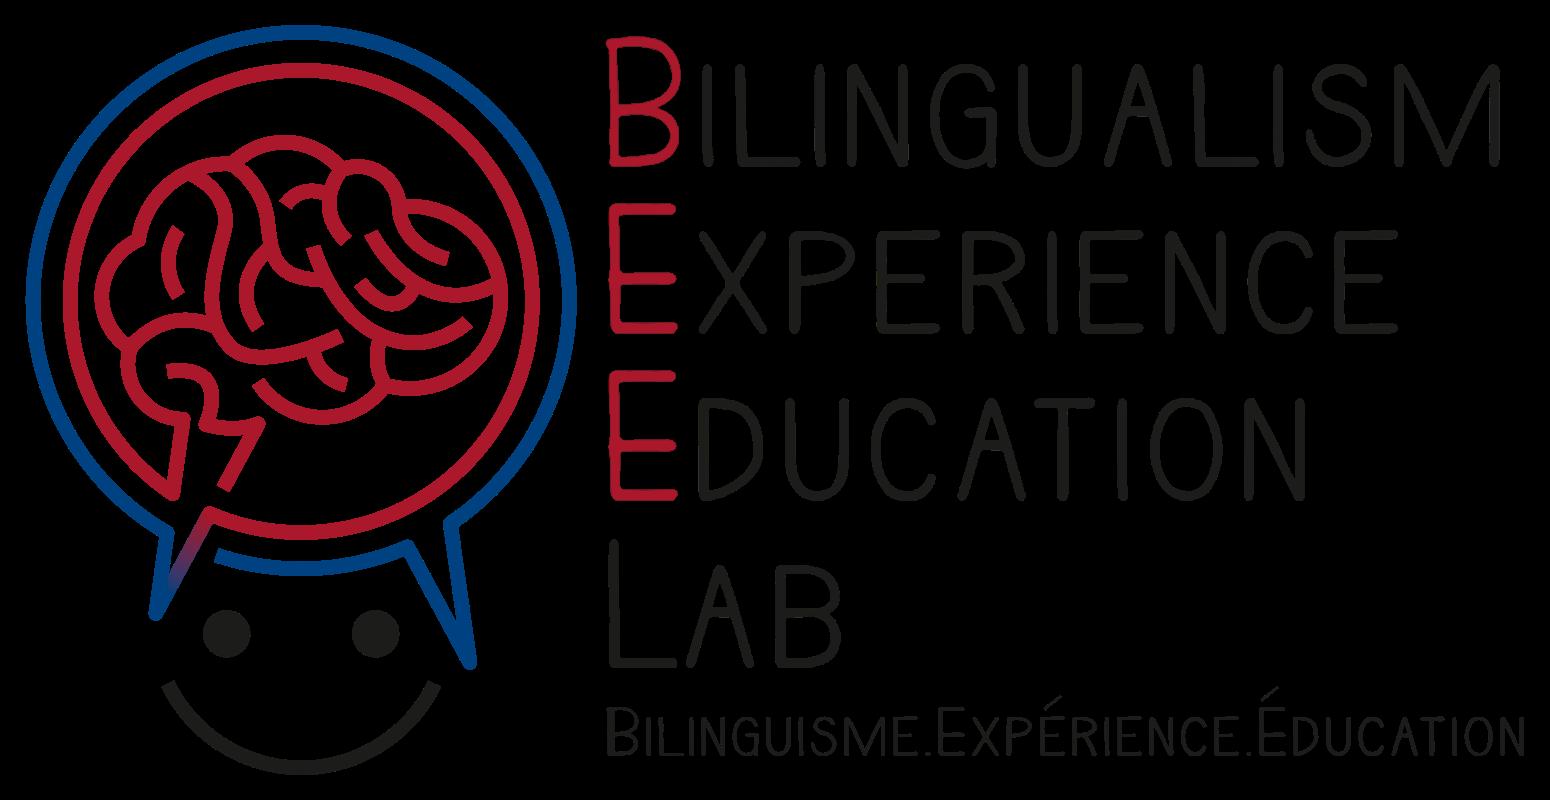 B.E.E Lab